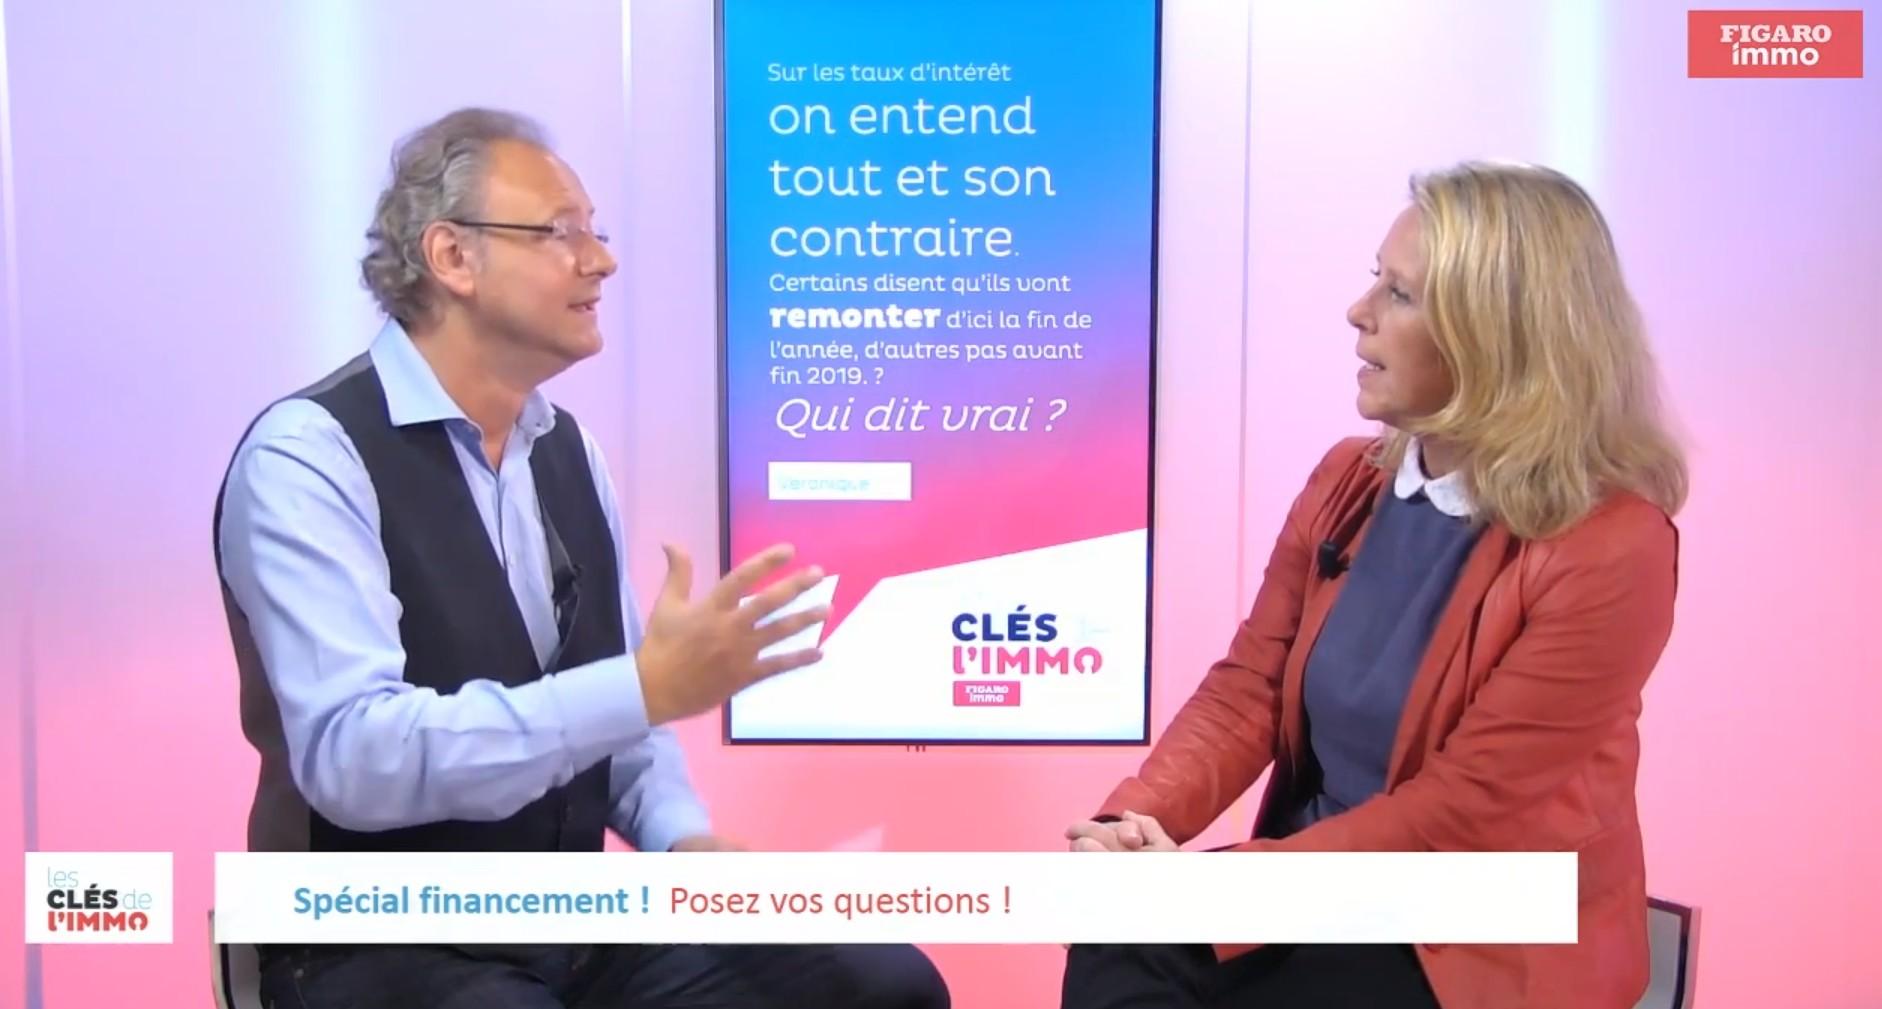 VIDEO Les Clés de l'IMMO // Spécial financement